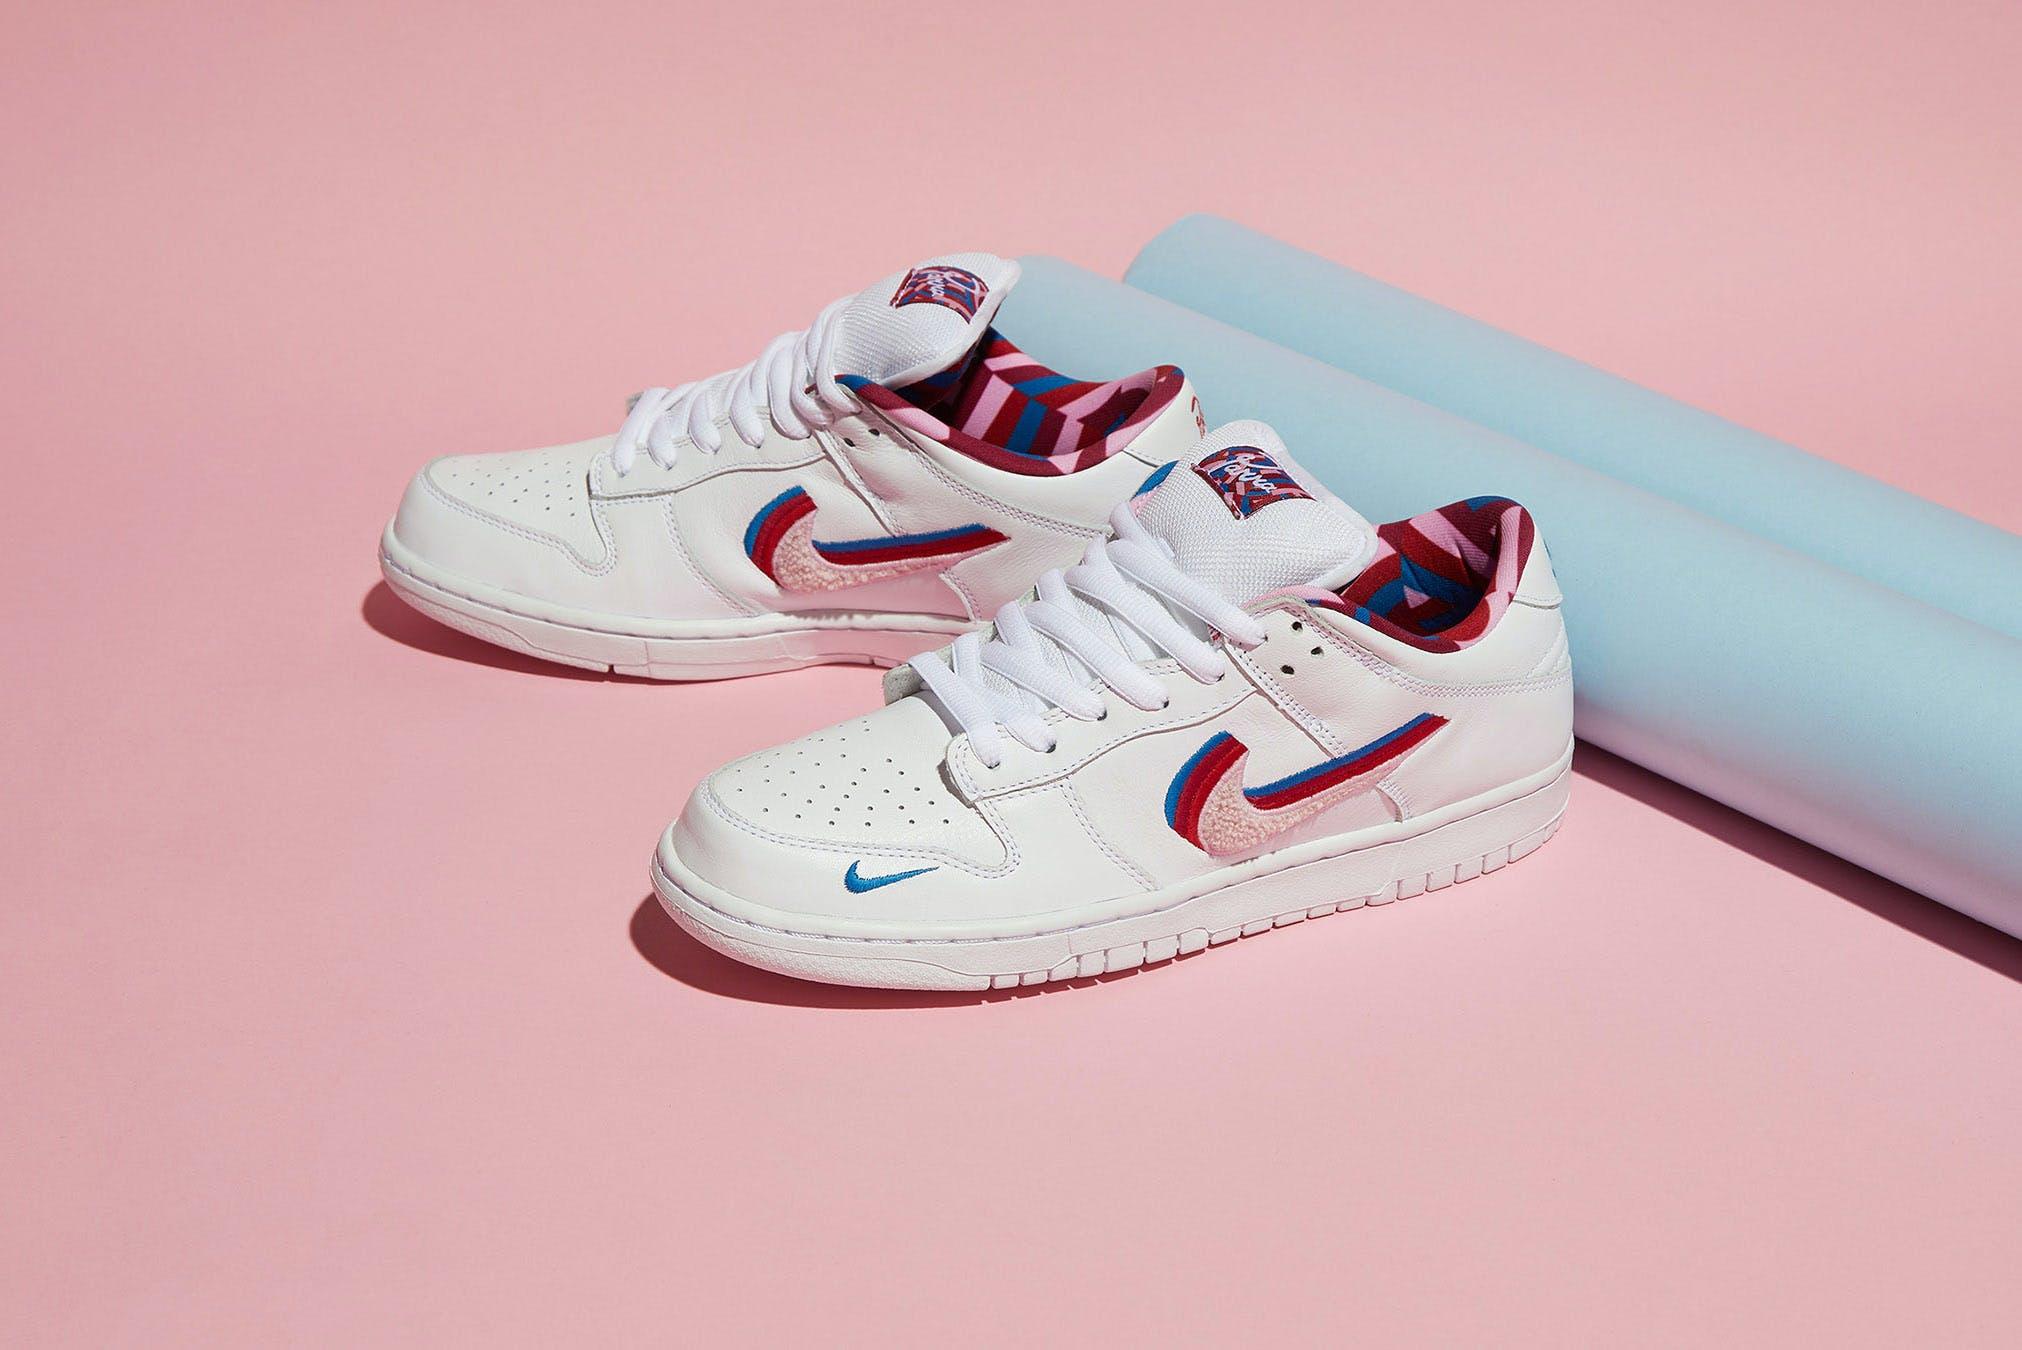 Nike x Parra SB Dunk Low OG - CN4504-100